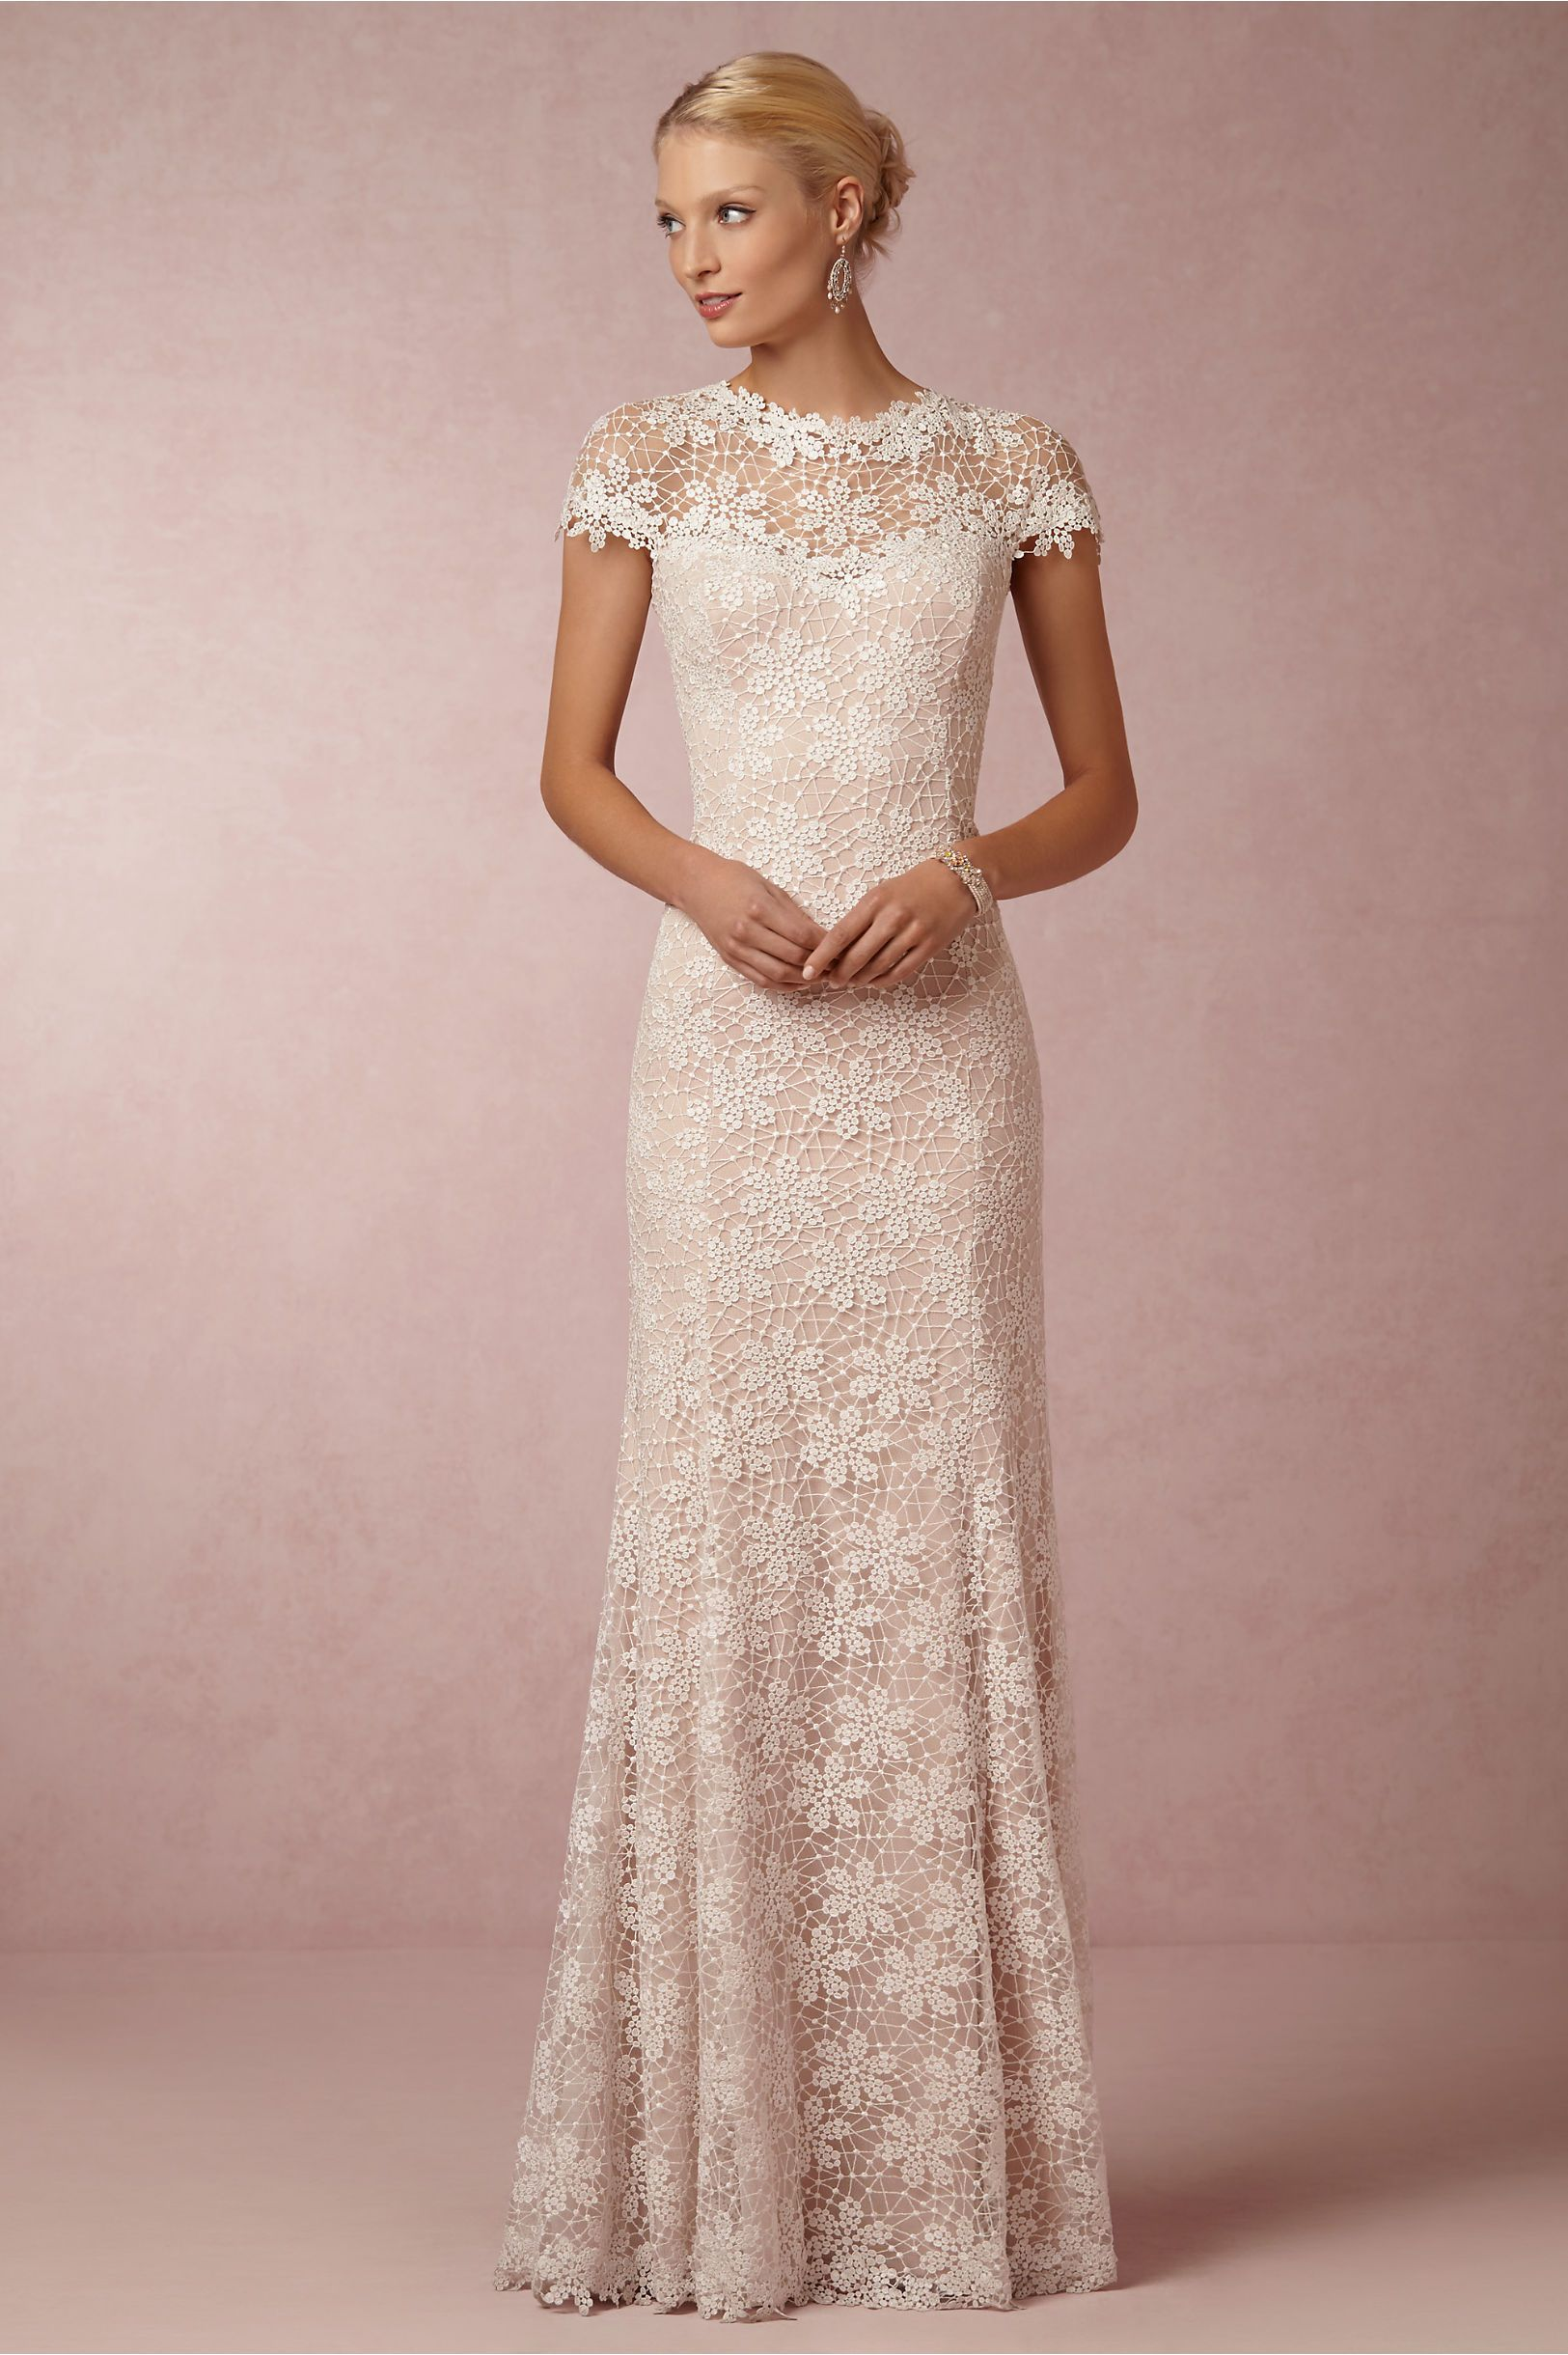 Nova Lace Gown | Hochzeitskleid, Beratung und Brautmode